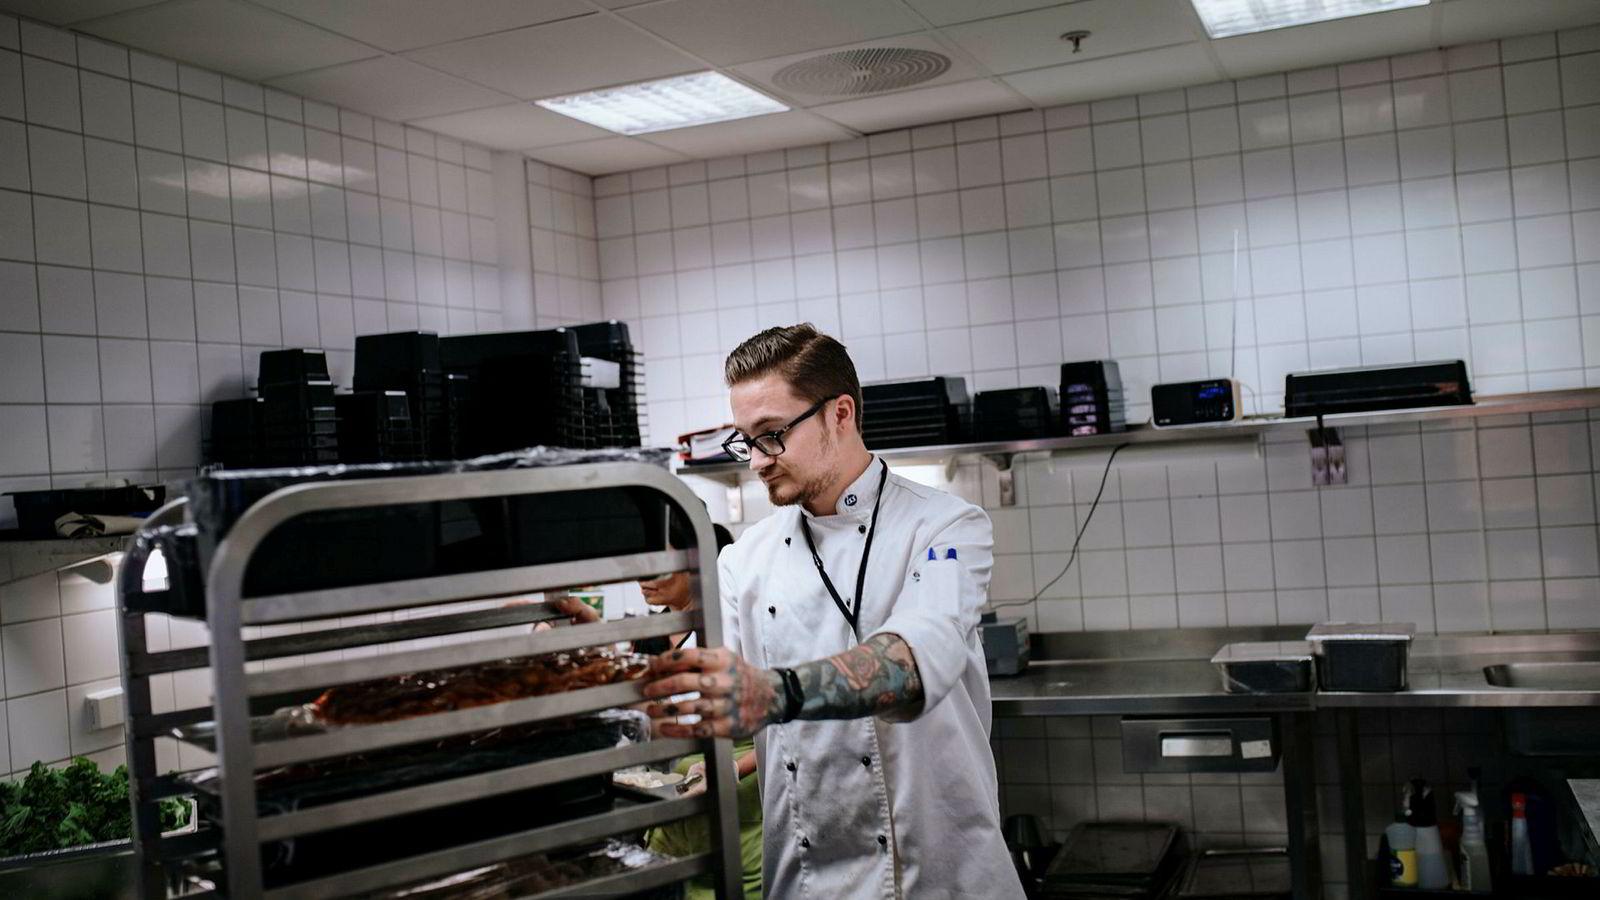 Skolemåltid er interessant for ISS. Her håndterer Jaras Grabovatsky bevertning i en ISS-kantine i Oslo sentrum. Hvis alle norske barn skal få skolemat, kan det bety mye jobb for private aktører.